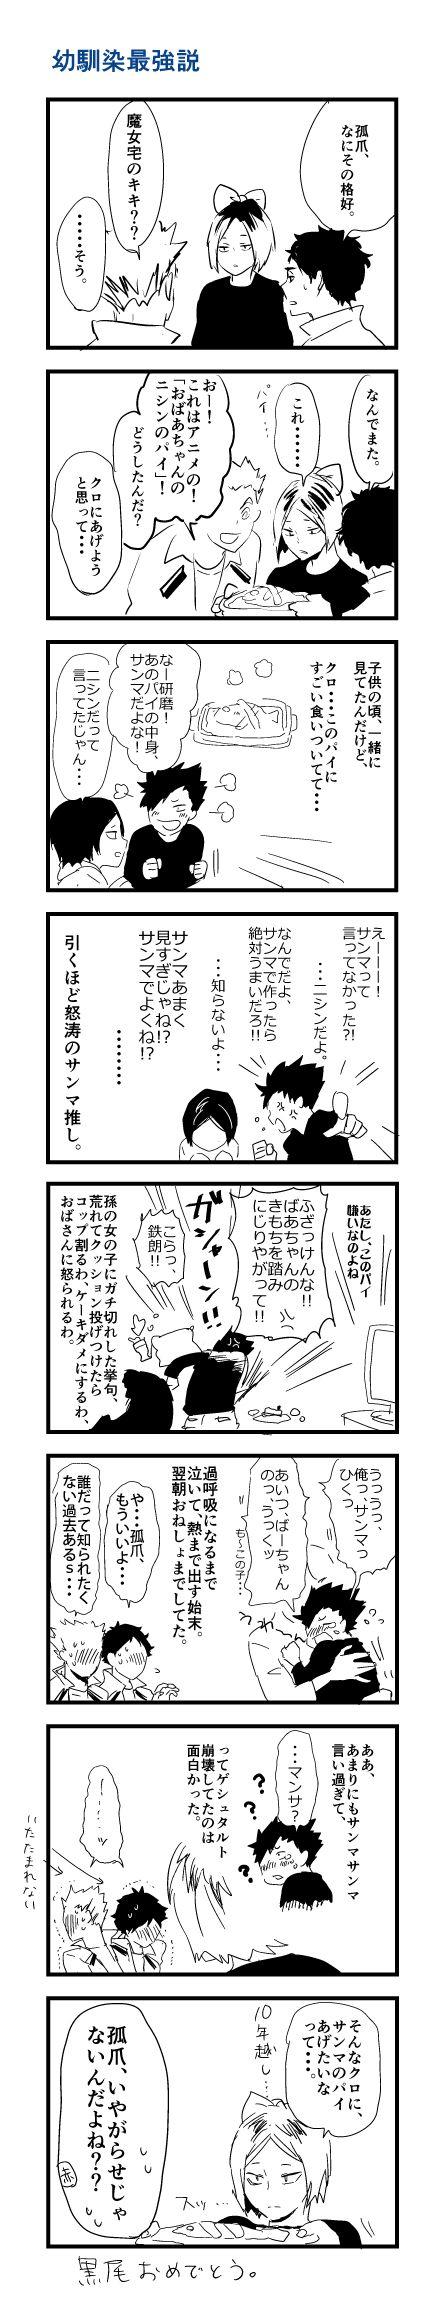 「ぼくあかつめ3」/「犬丸」の漫画 [pixiv]